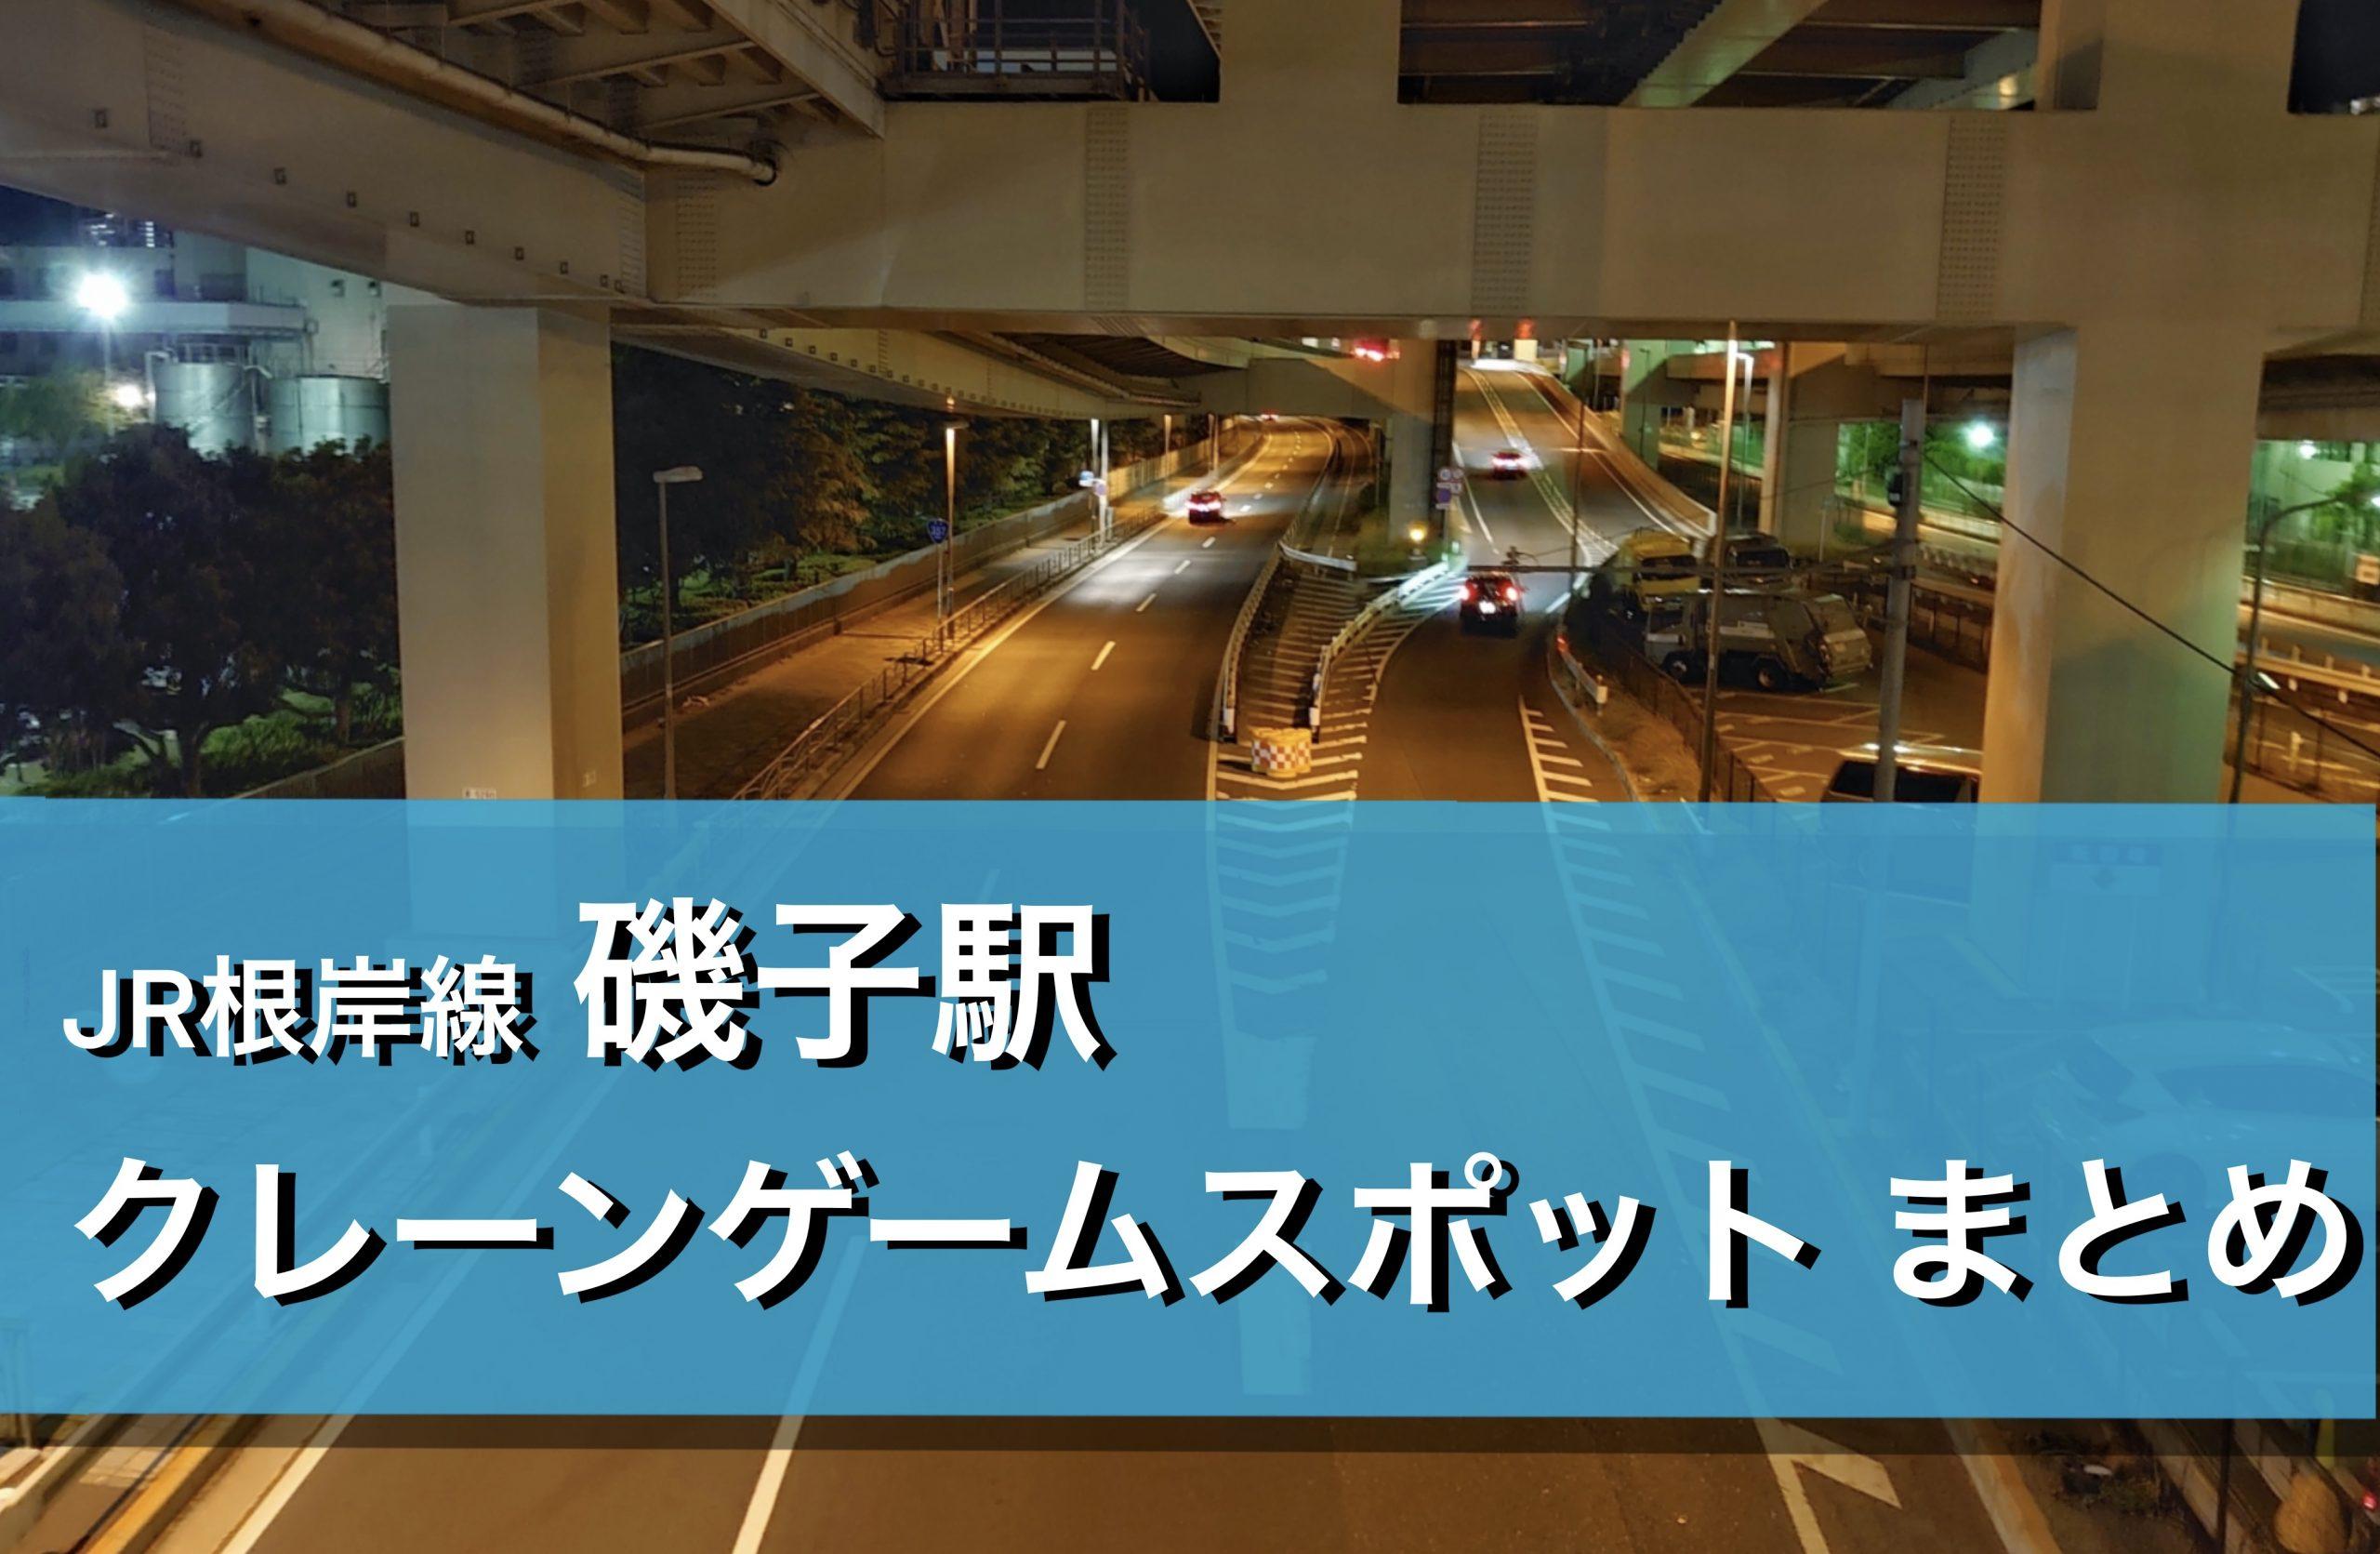 【磯子駅】クレーンゲームができる場所